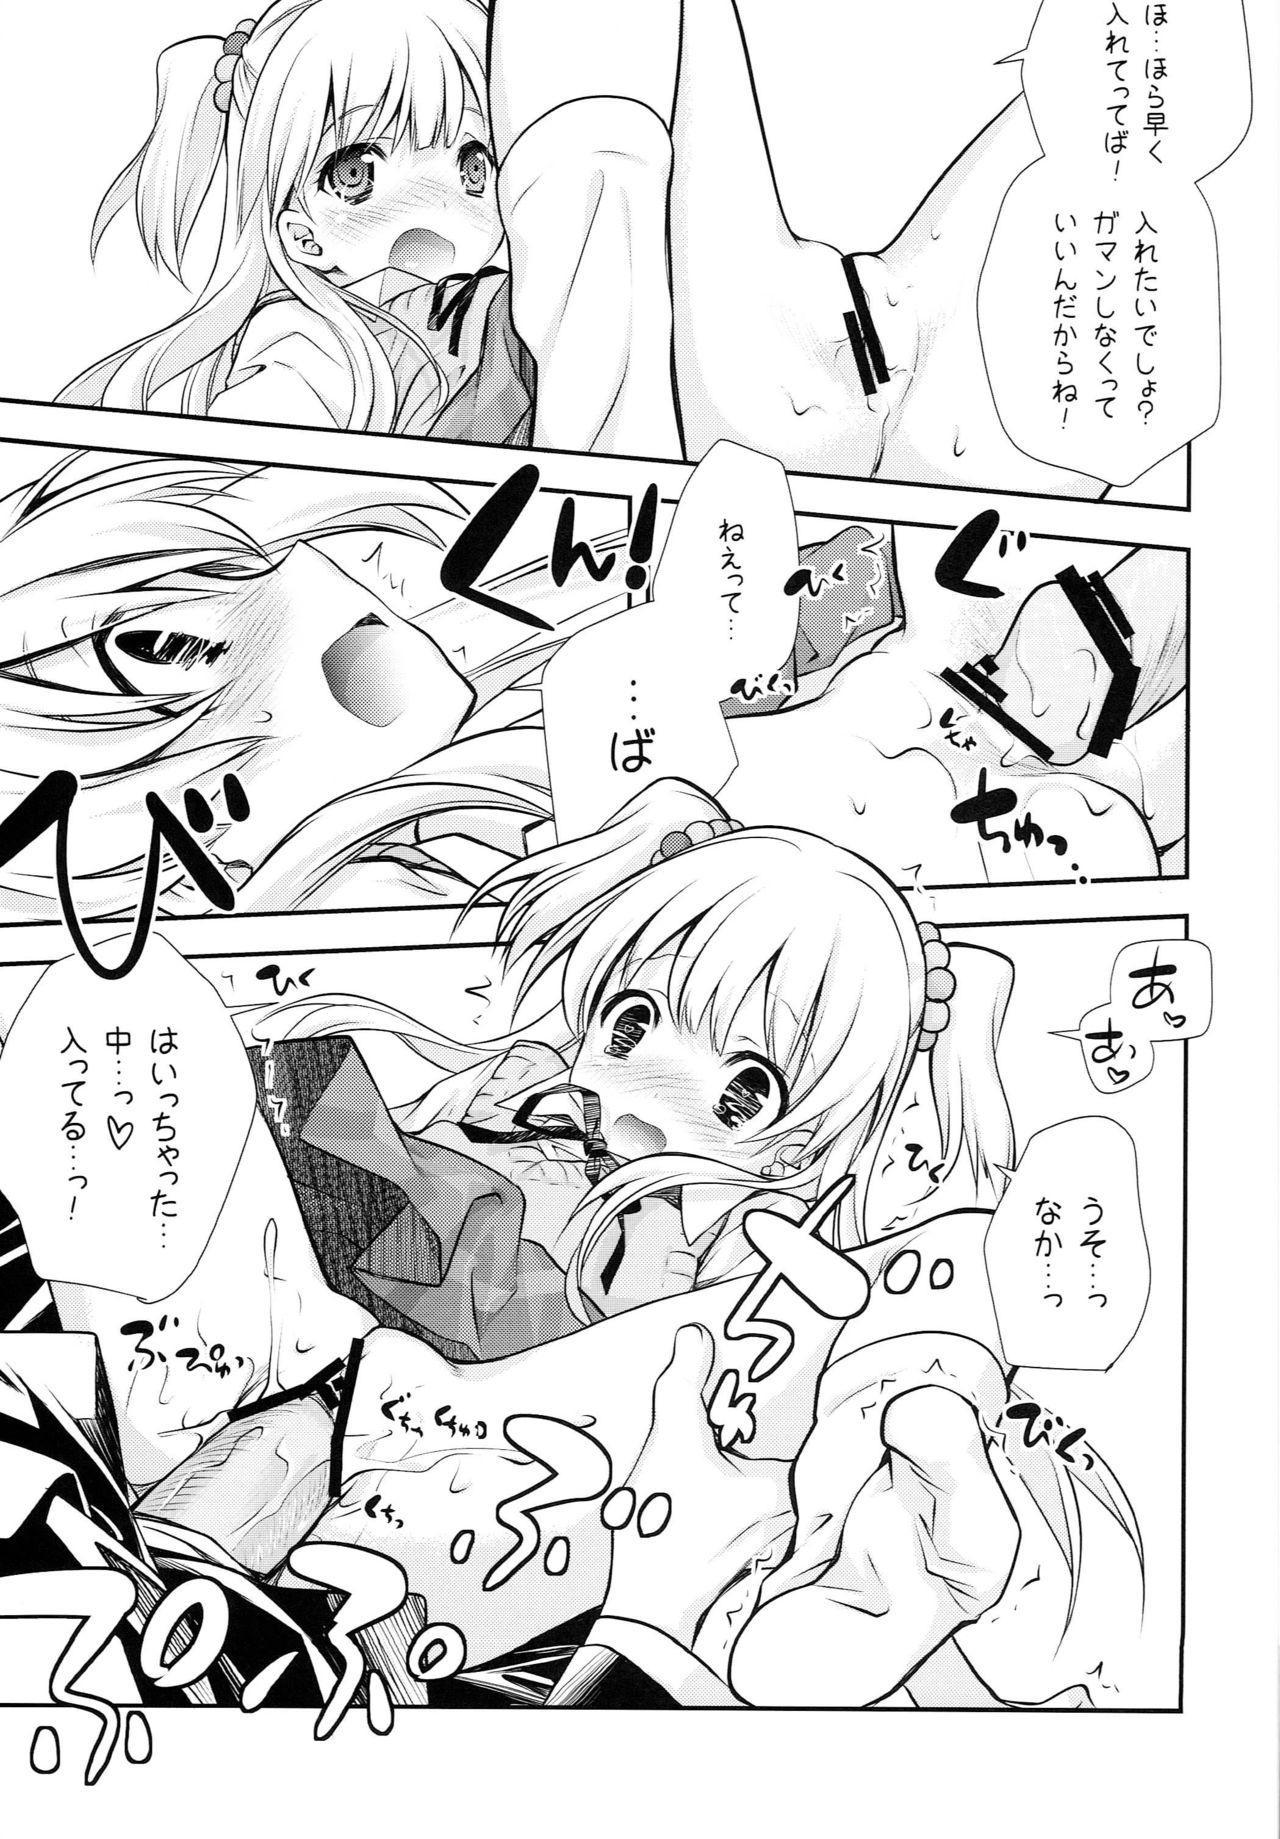 P ni 14-nin no Cinderella ga Makura o Kyouyou Suru Usui Hon 25